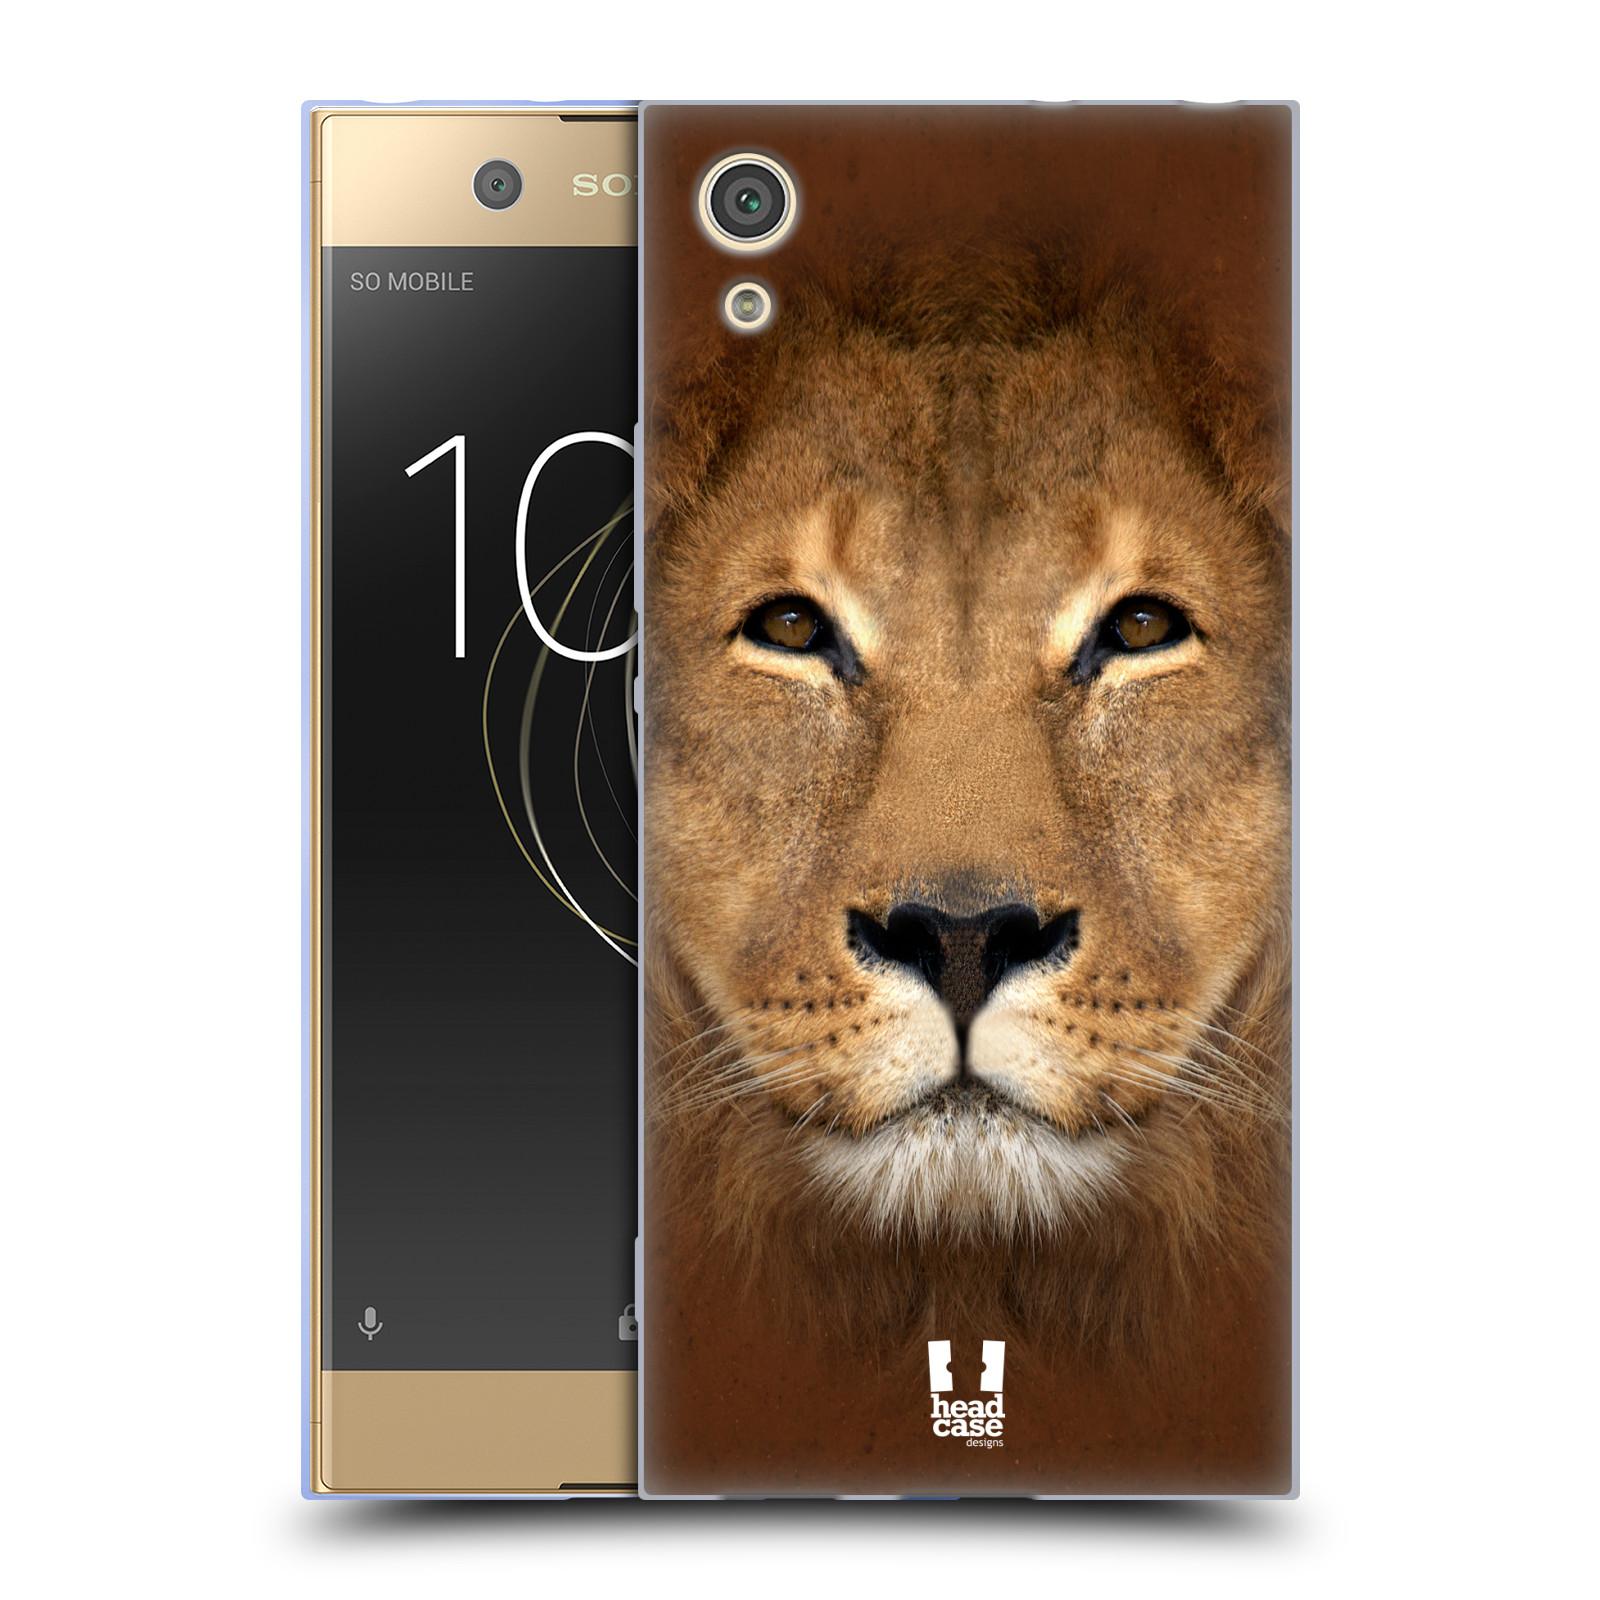 HEAD CASE silikonový obal na mobil Sony Xperia XA1 / XA1 DUAL SIM vzor Zvířecí tváře 2 Lev